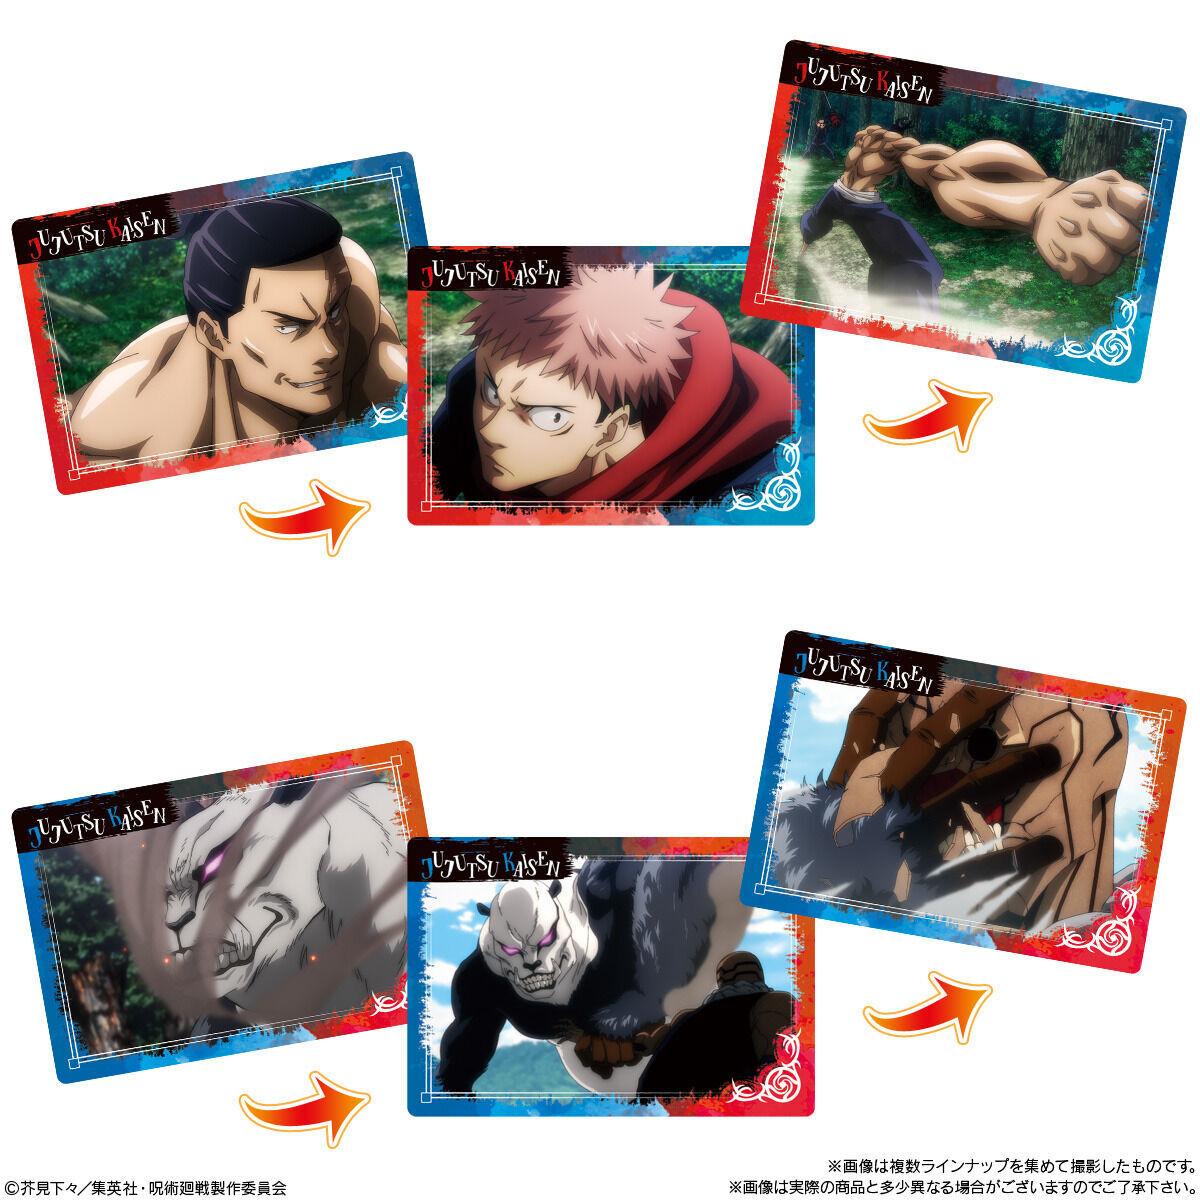 【食玩】呪術廻戦『呪術廻戦 PLAY BACKカードチョコスナック2』10個入りBOX-004